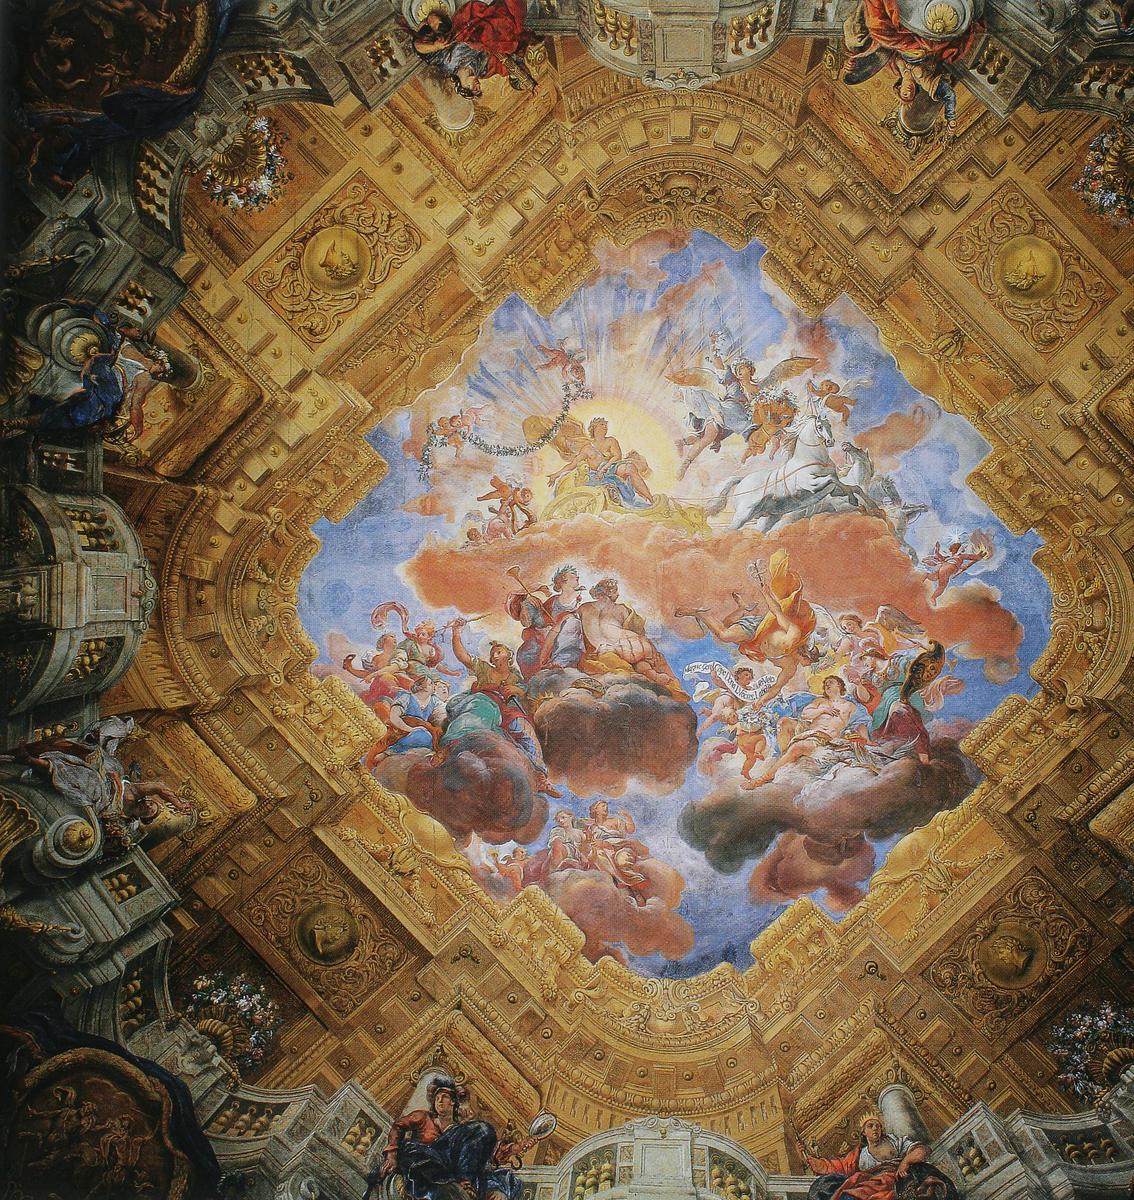 """1715–16/17, Fresko, Wien, Unteres Belvedere, Marmorsaal.<br>Quelle: <a href=""""http://prometheus.uni-koeln.de/pandora/image/show/trier-3d92f41fc360769118a4af9ad517eee0cda705d4"""">Prometheus</a>; publiziert in Lorenz, Hellmut: Geschichte der bildenden Kunst in Österreich. Barock. München 1999: Prestel. Lizenz: Zitat eines urheberrechtlich geschützten Werks (§ 51 UrhG) <br><strong>Erläuterung:</strong>  Apoll, zur Zeit der regierenden Habsburger als Verweis auf den Kaiser als der 'wahren Sonne' zu verstehen, fährt in seinem Sonnenwagen von den Musen begleitet vor einer hell leuchtenden Sonnenscheibe. Damit wird die Zeit des Sonnenaufgangs angezeigt, mit dem ein """"neuer goldener Tag beginnt, an dem die Künste und Wissenschaften erblühen"""". In der unteren Wolkenschicht erscheint Prinz Eugen als jugendlicher Held mit Lorbeer gekrönt. Er wird von Minerva, Fama und Merkur in den Himmel geleitet. Herrschertugenden als Personifikationen ergänzen das Bild des zu den Göttern emporgehobenen Eugen."""